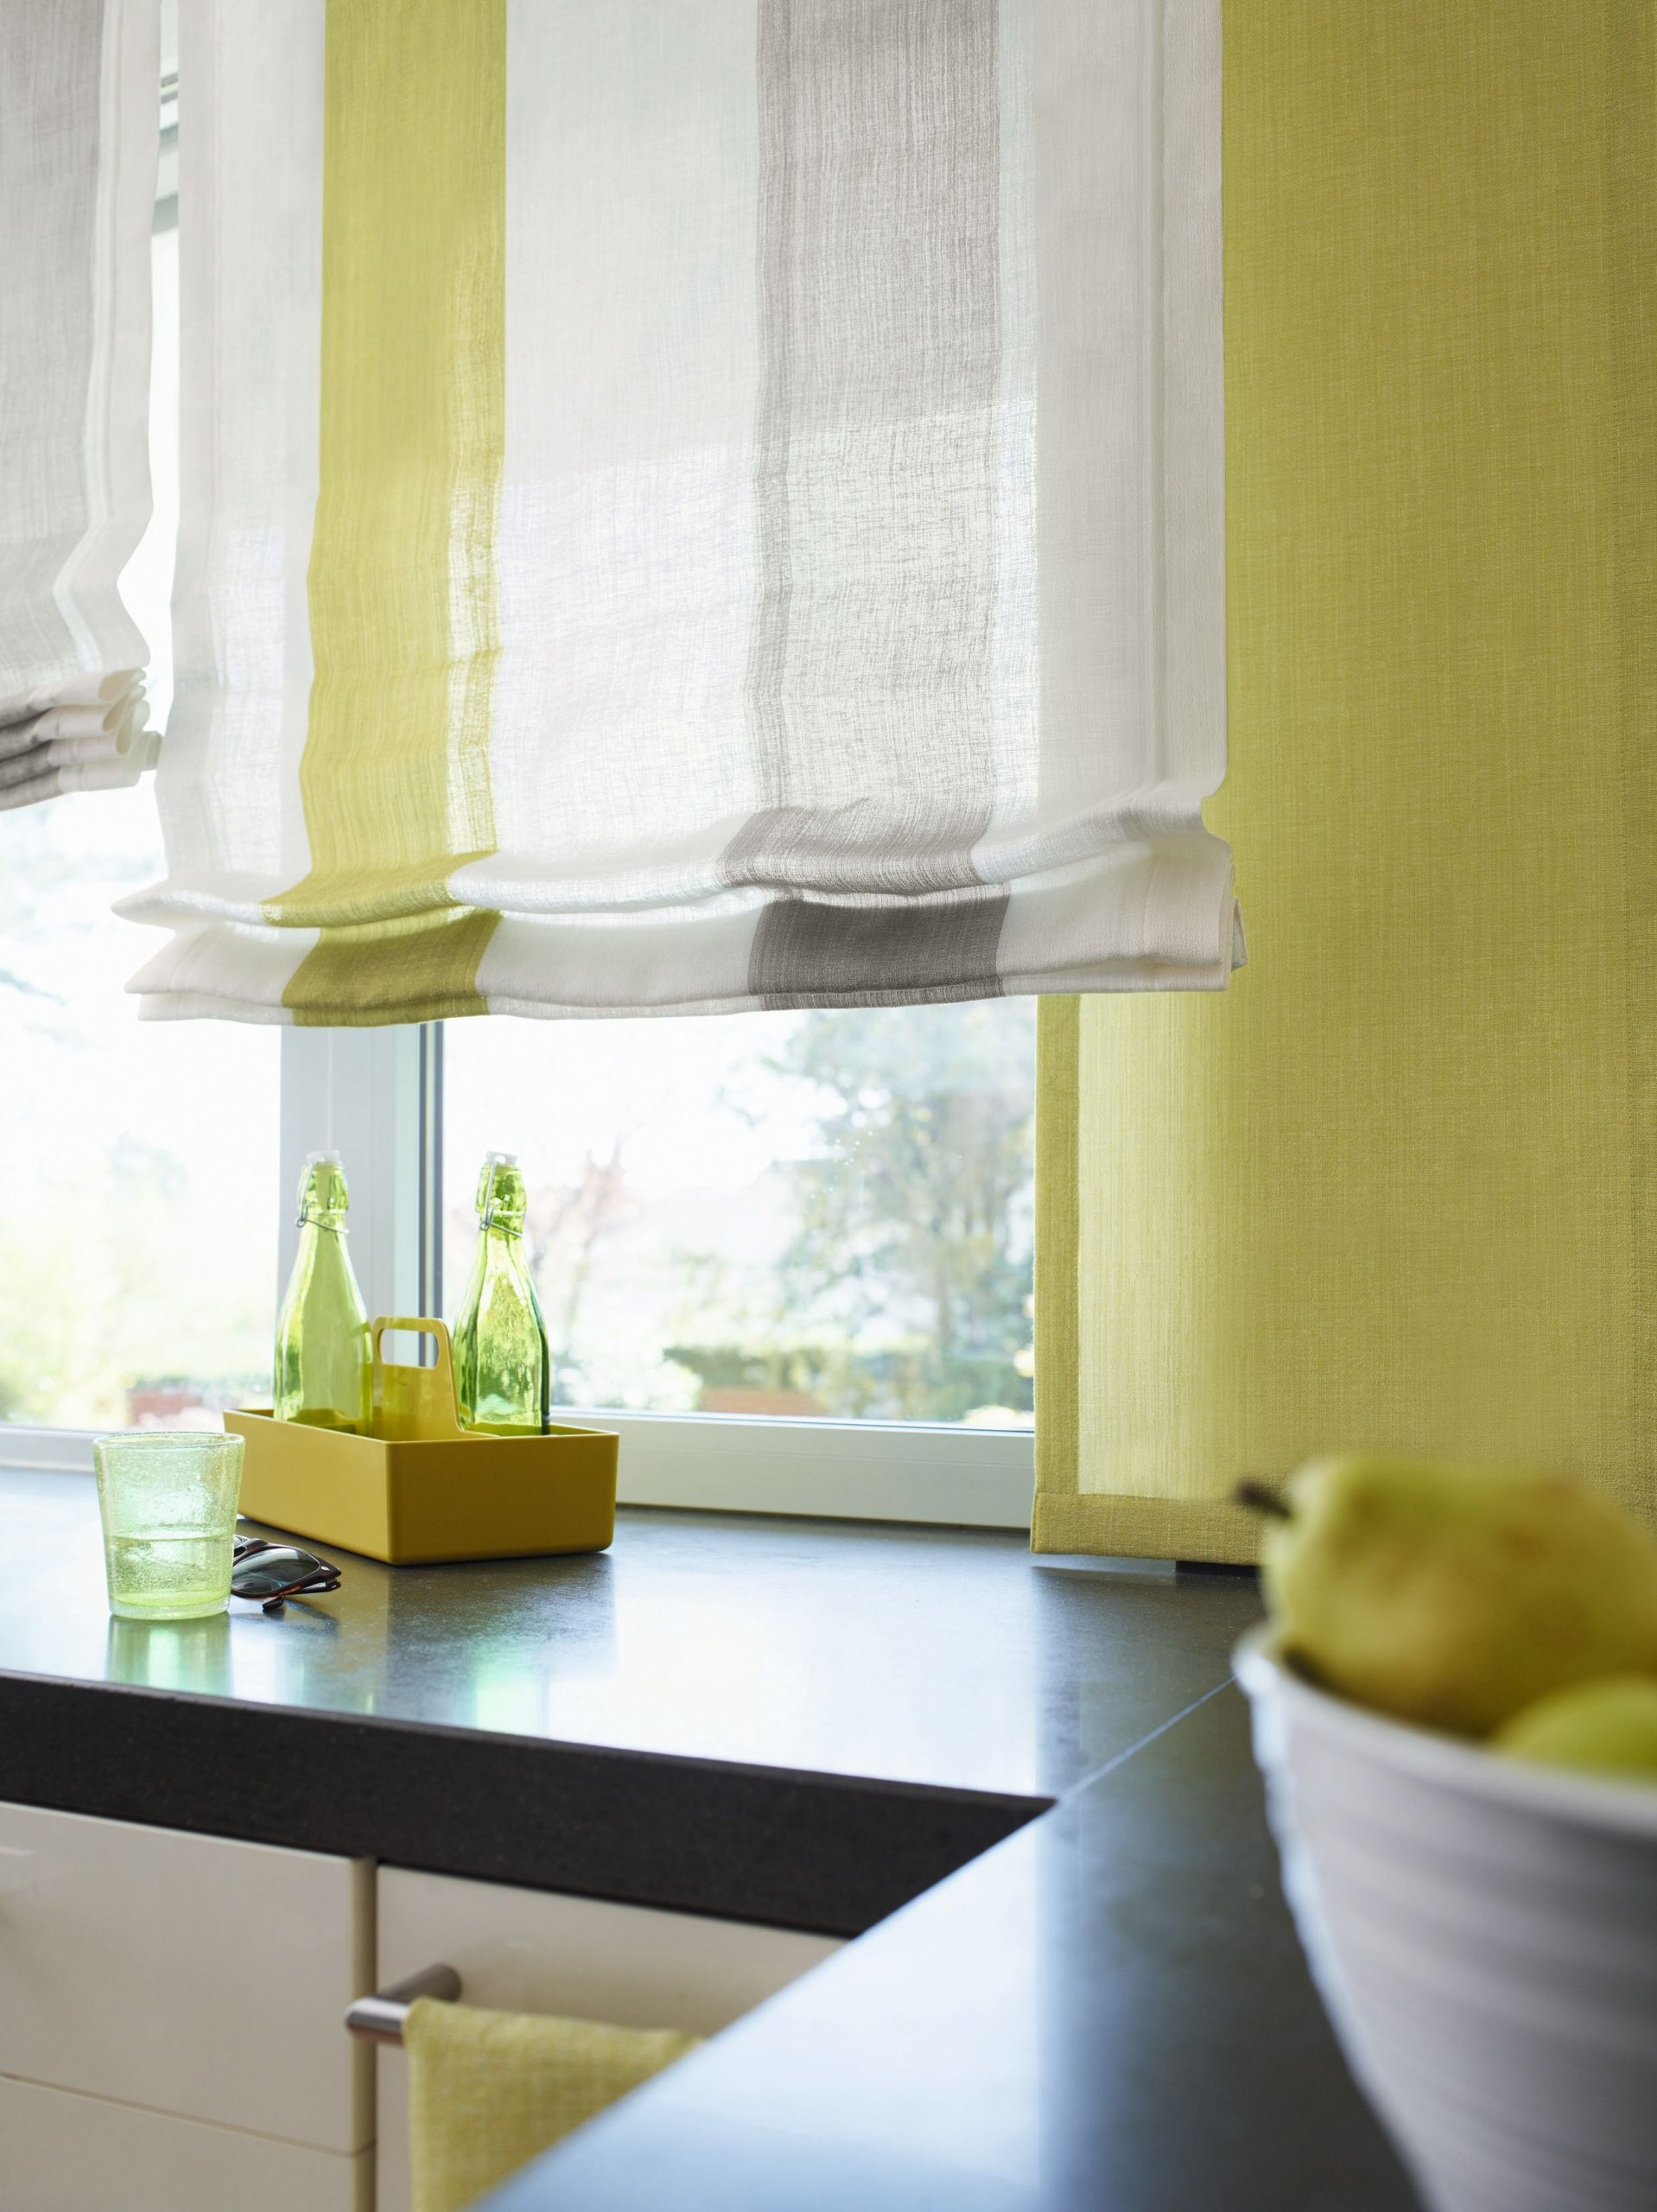 Full Size of Raffrollo Kche Kaffee Beige Schlaufen Grn Fliesenspiegel Küche Planen Kostenlos Tapete Modern Hängeschränke Mit Geräten Arbeitsschuhe Lüftung Bodenbelag Küche Wandsticker Küche